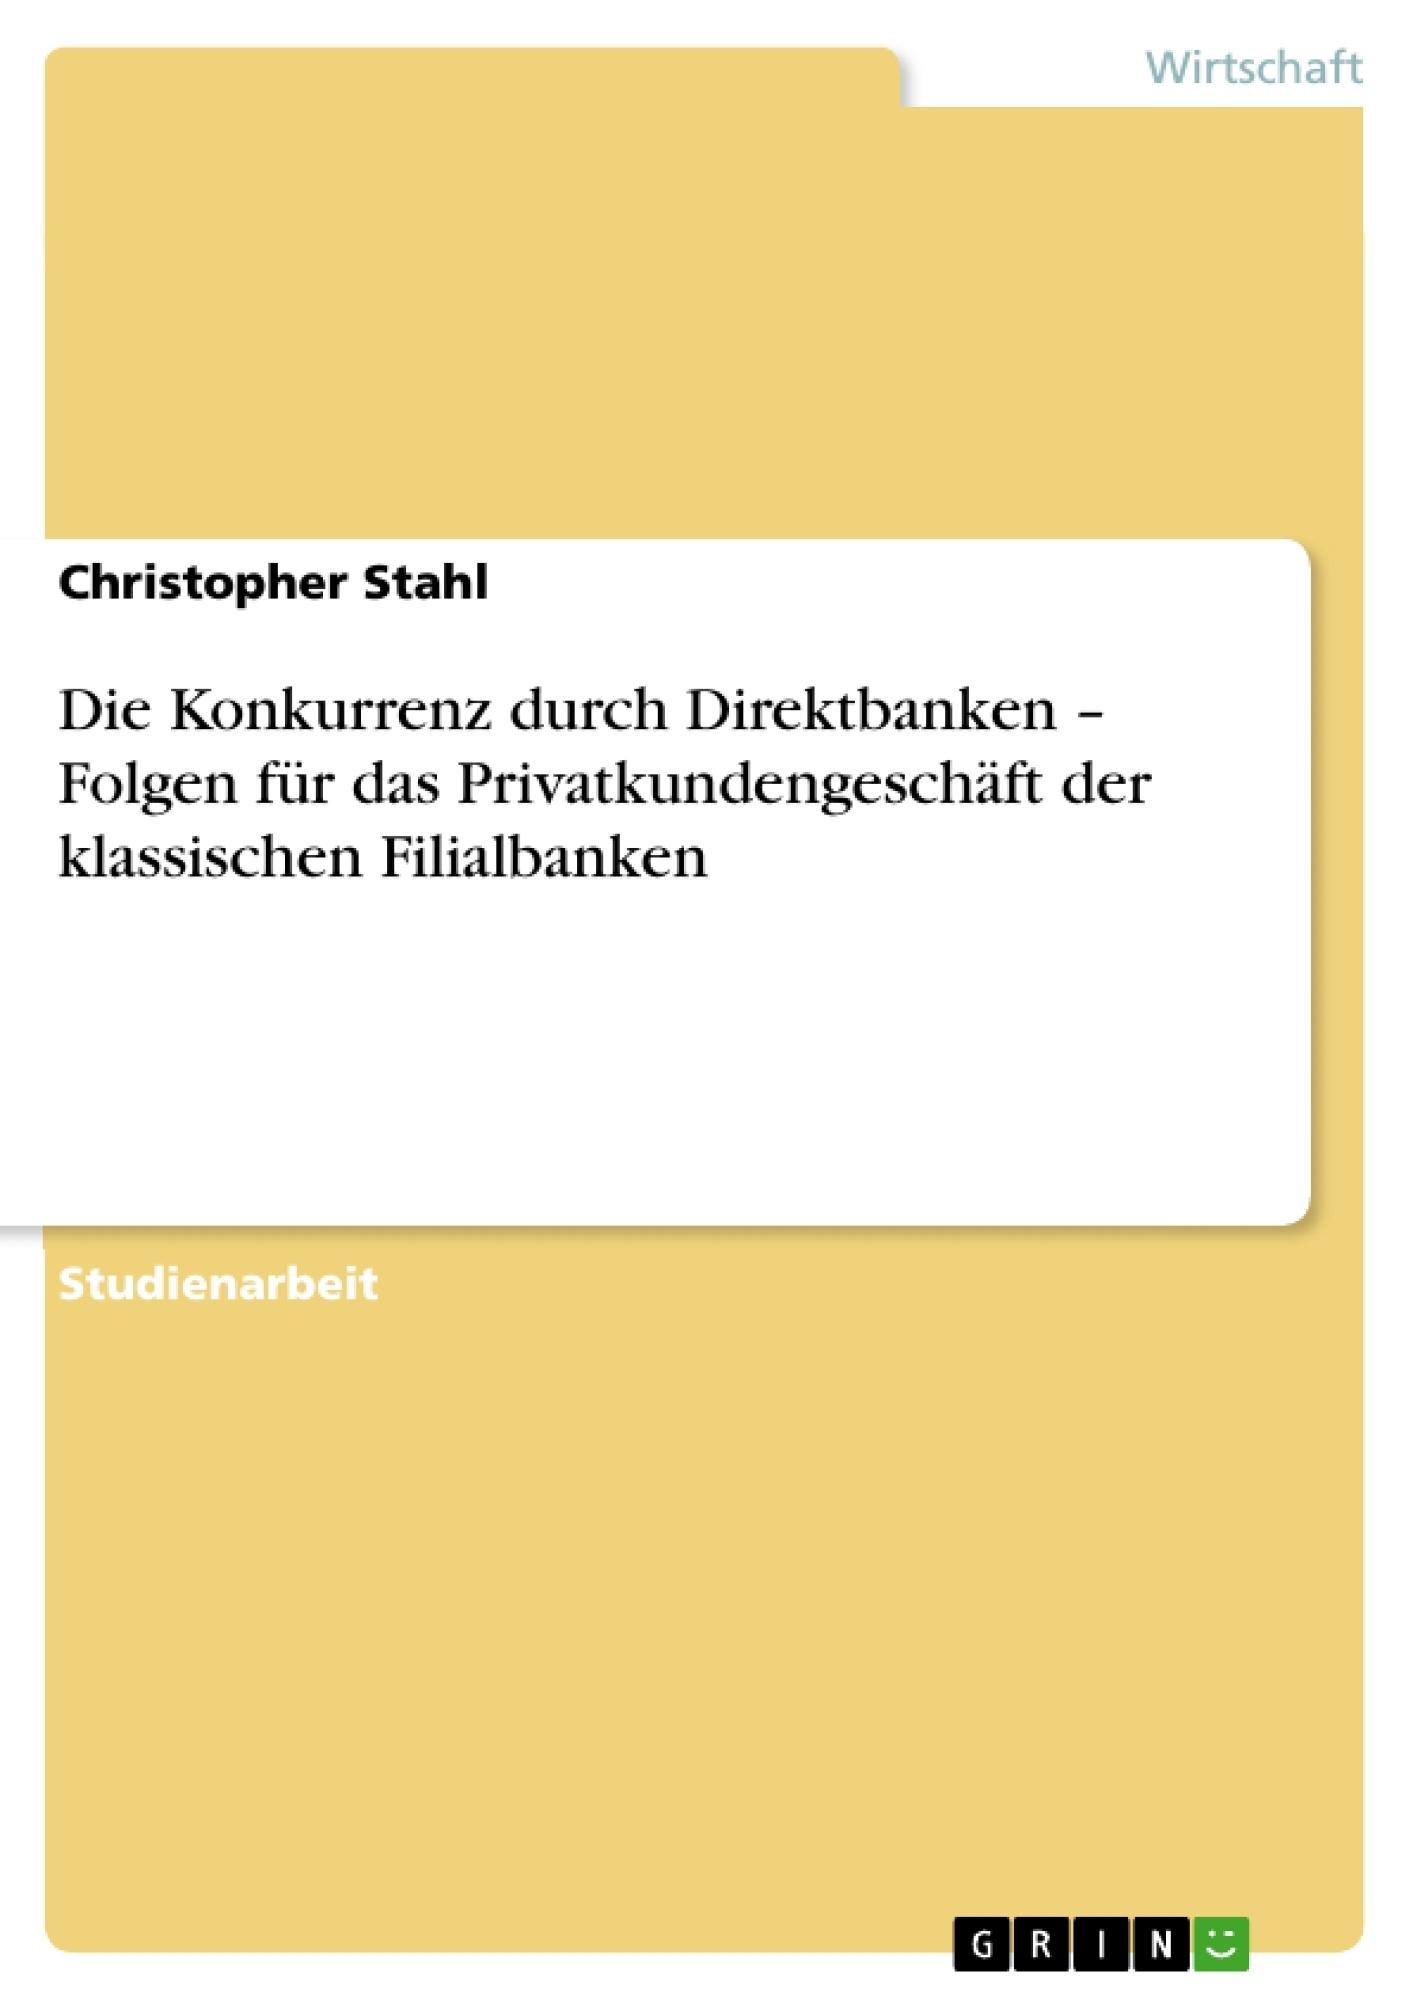 Titel: Die Konkurrenz durch Direktbanken – Folgen für das Privatkundengeschäft der klassischen Filialbanken